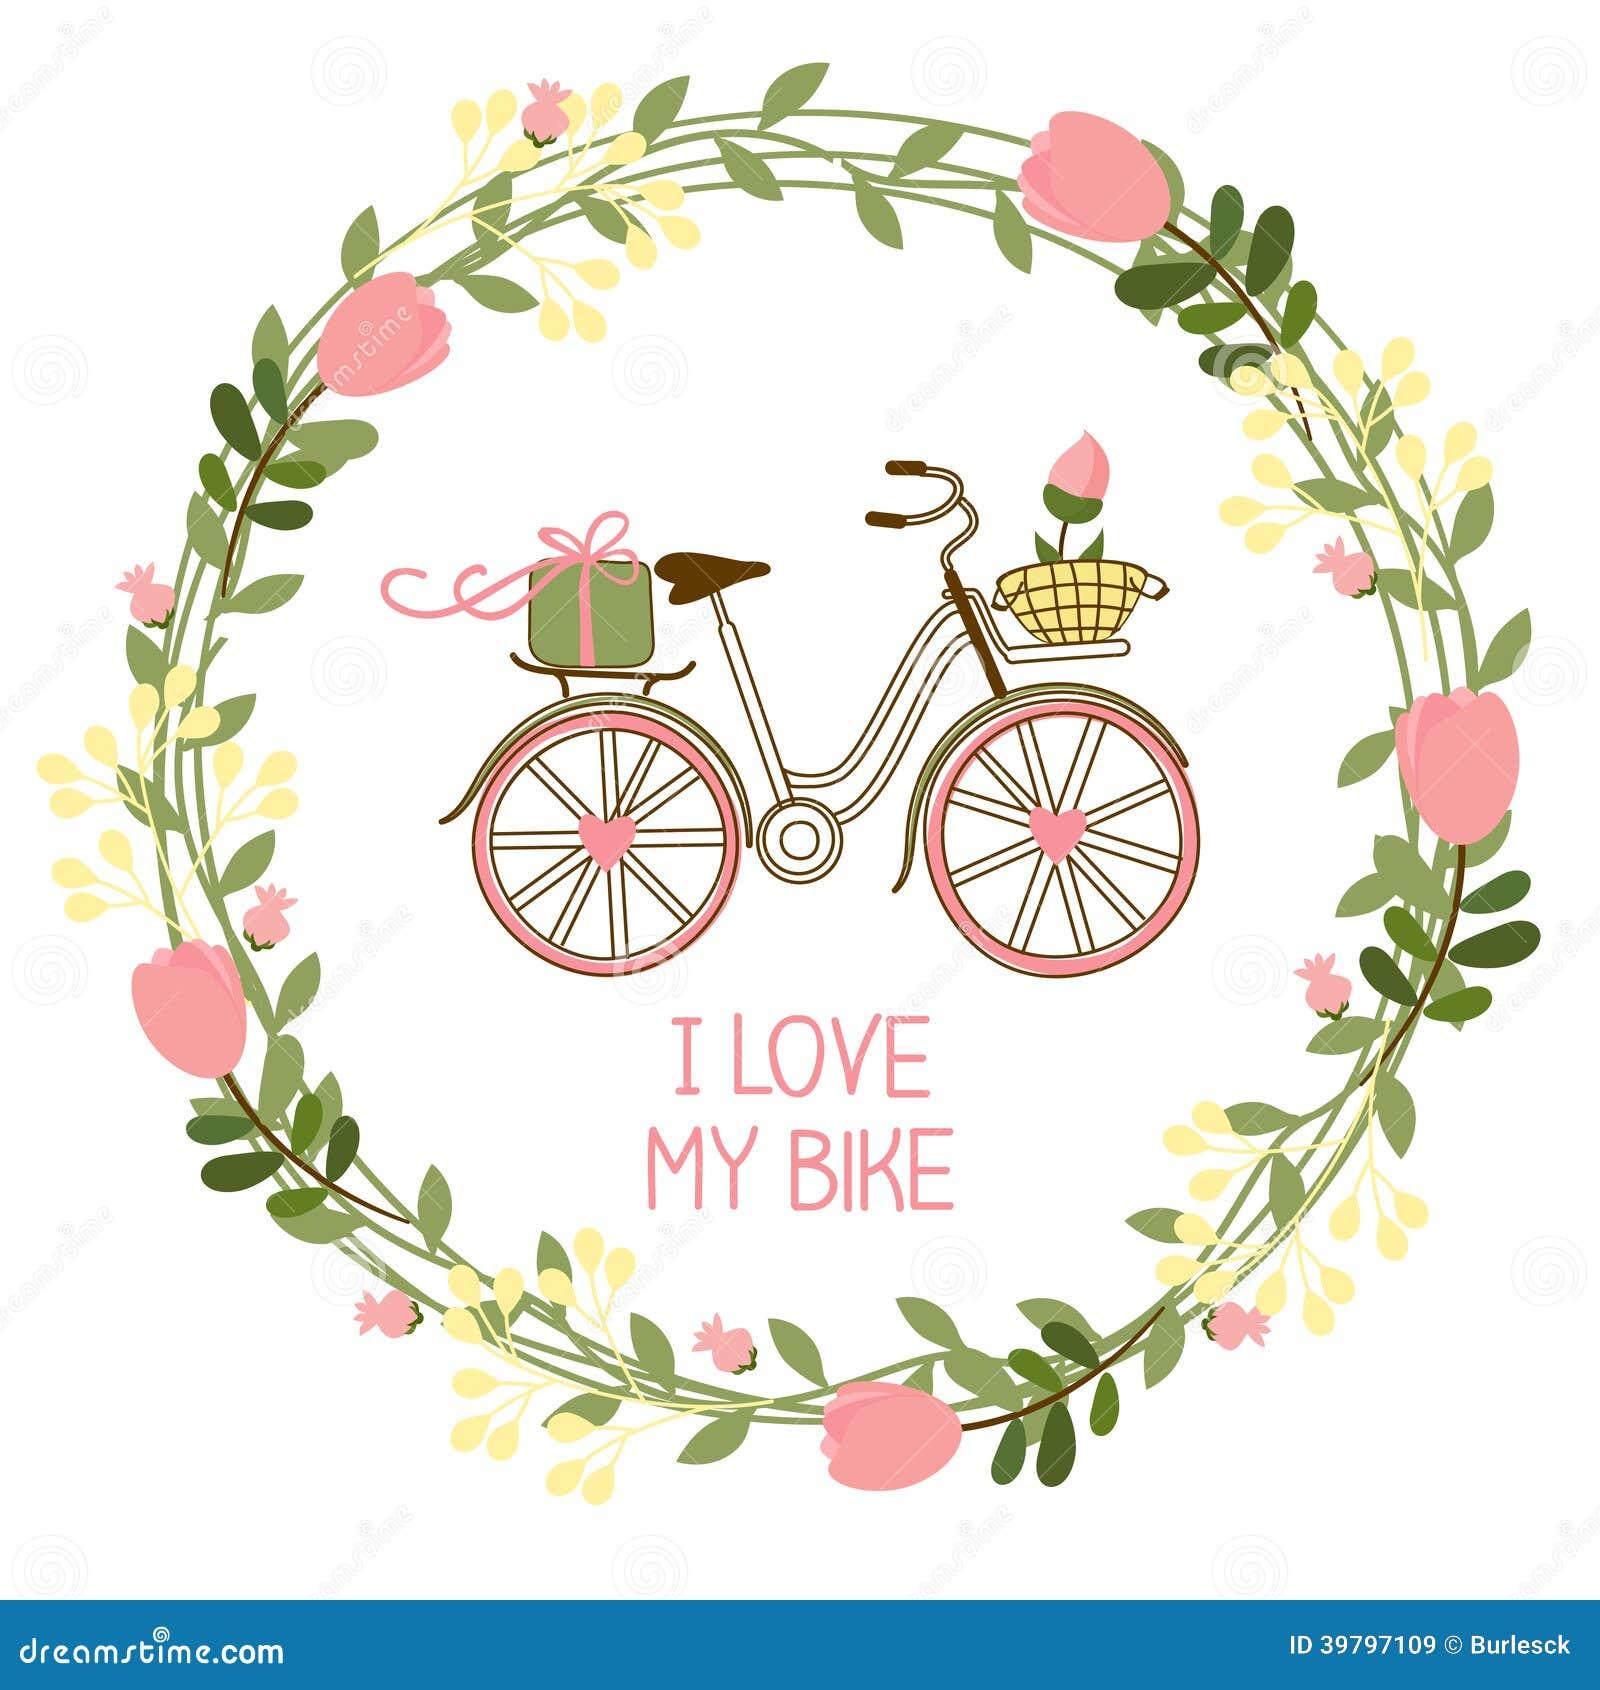 Guirnalda y bici florales